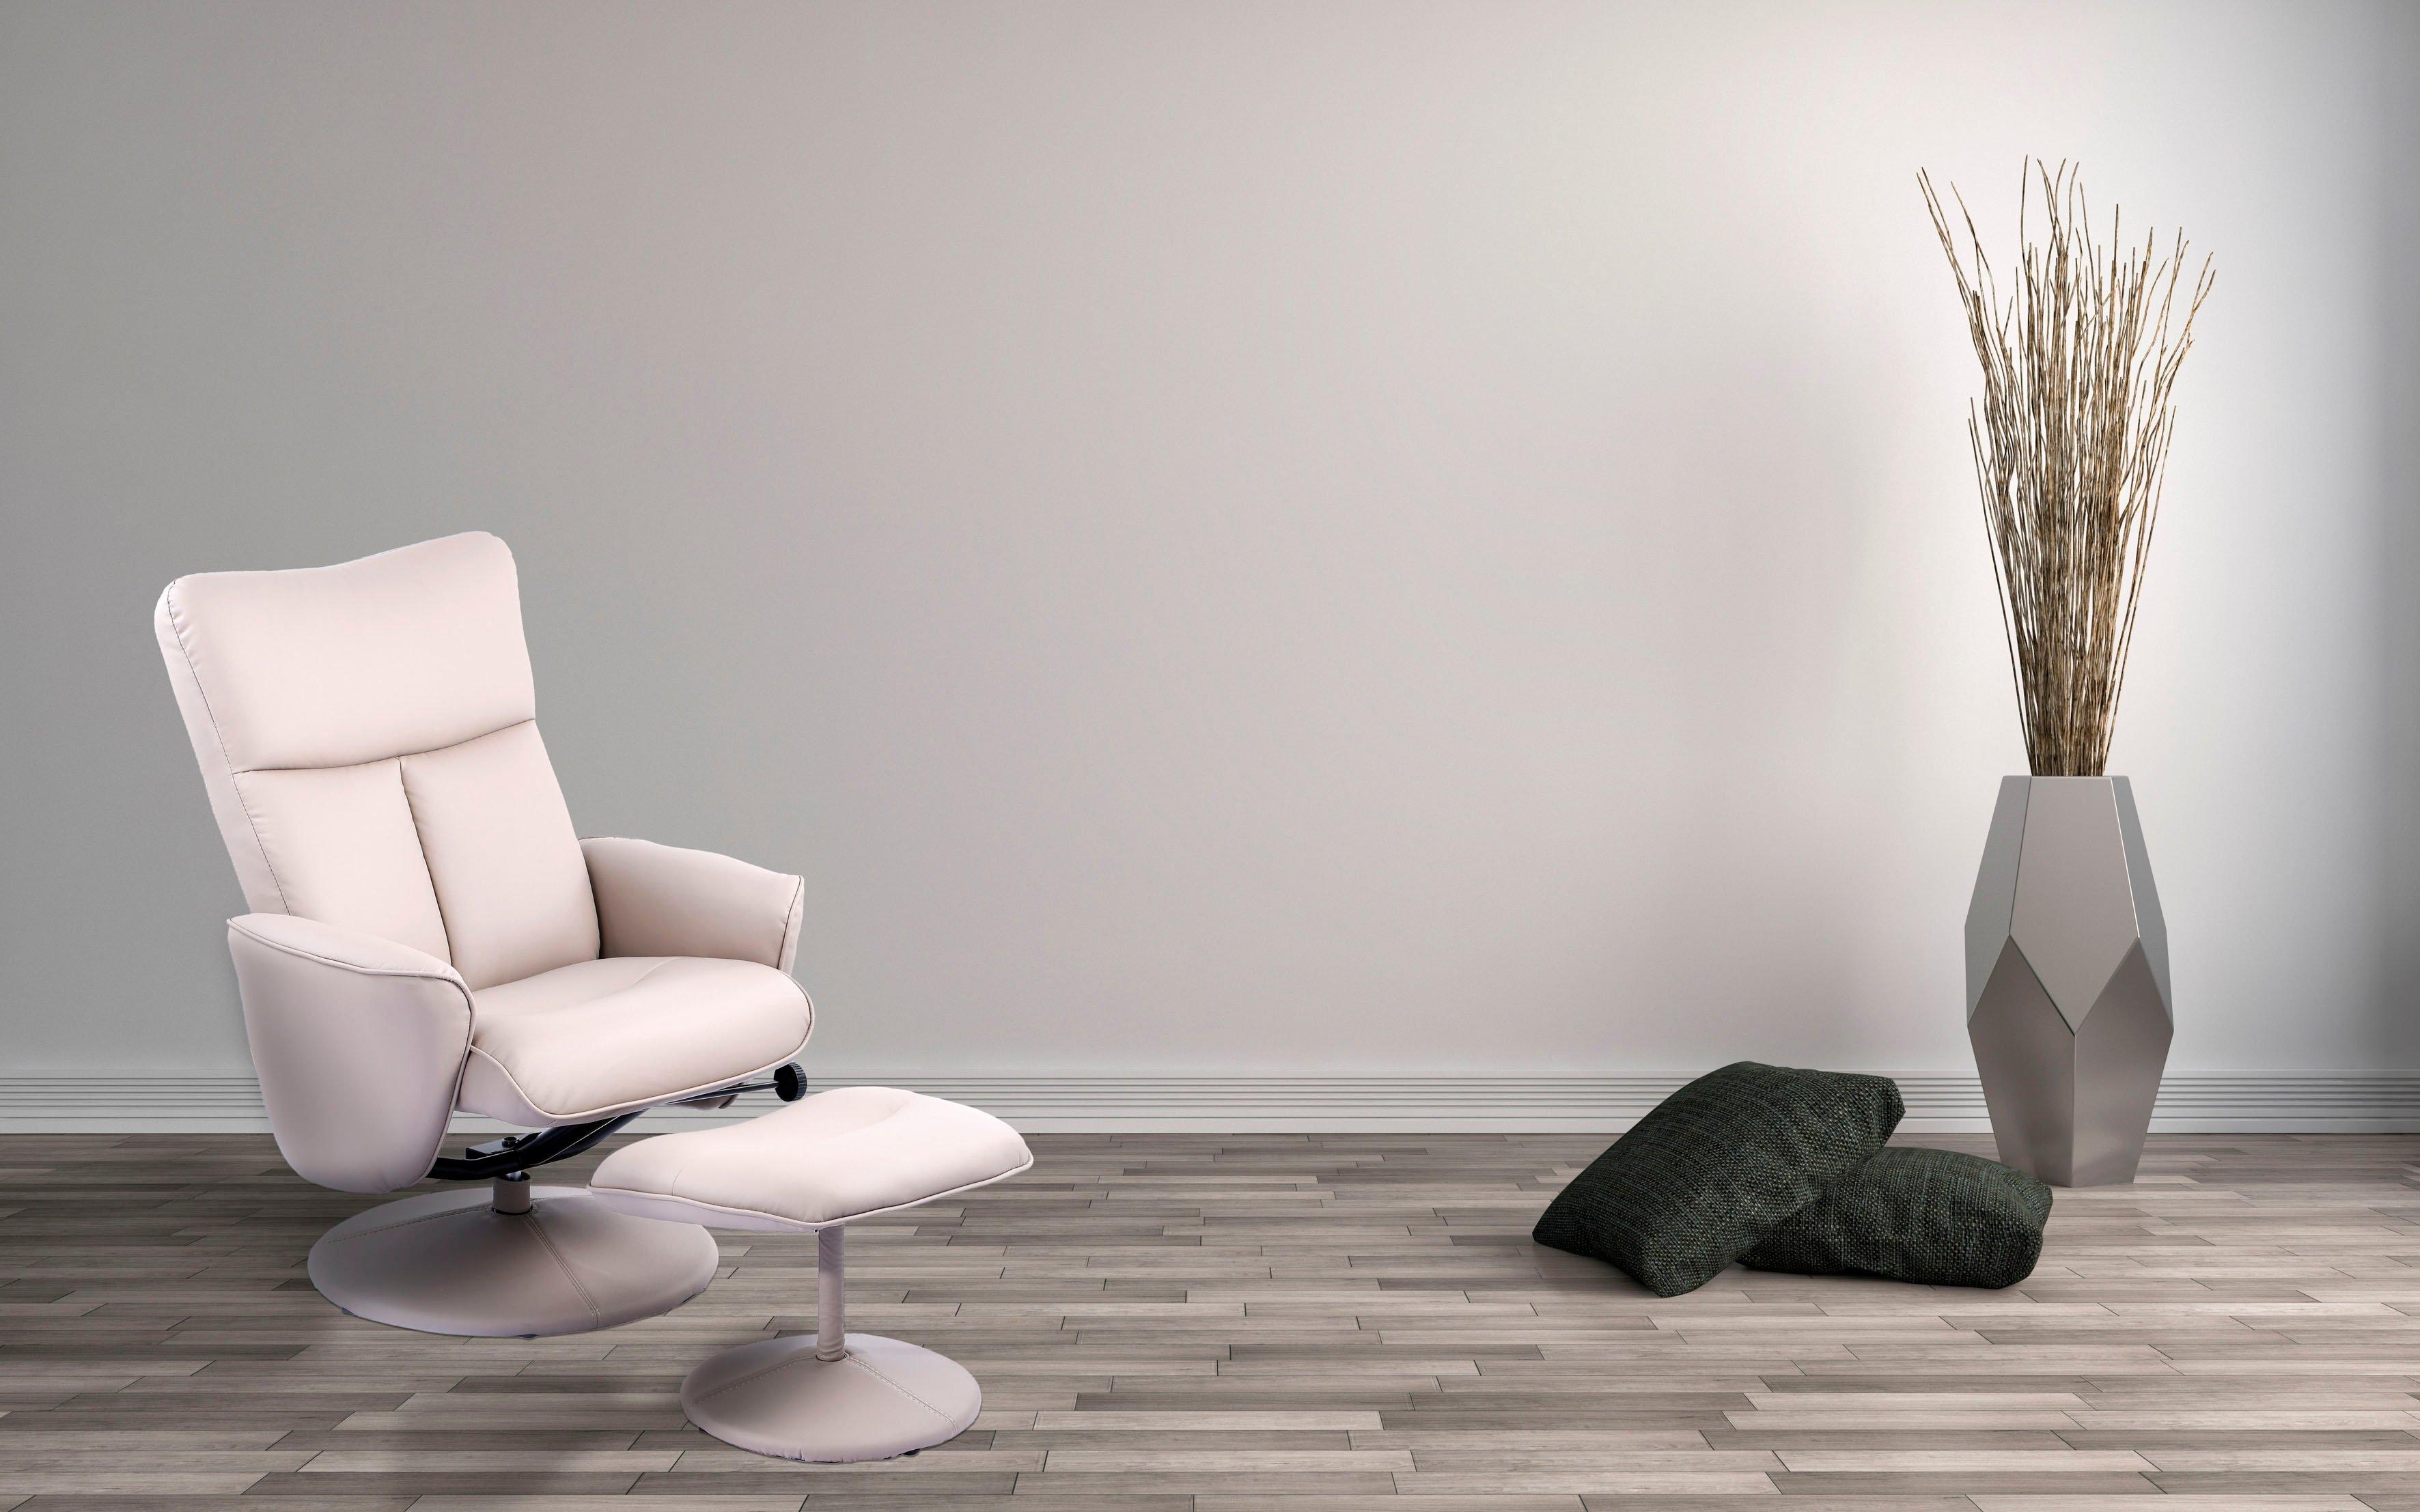 Kayoom stoel Sessel Leandra 160 prettige relax-stoel veilig op otto.nl kopen